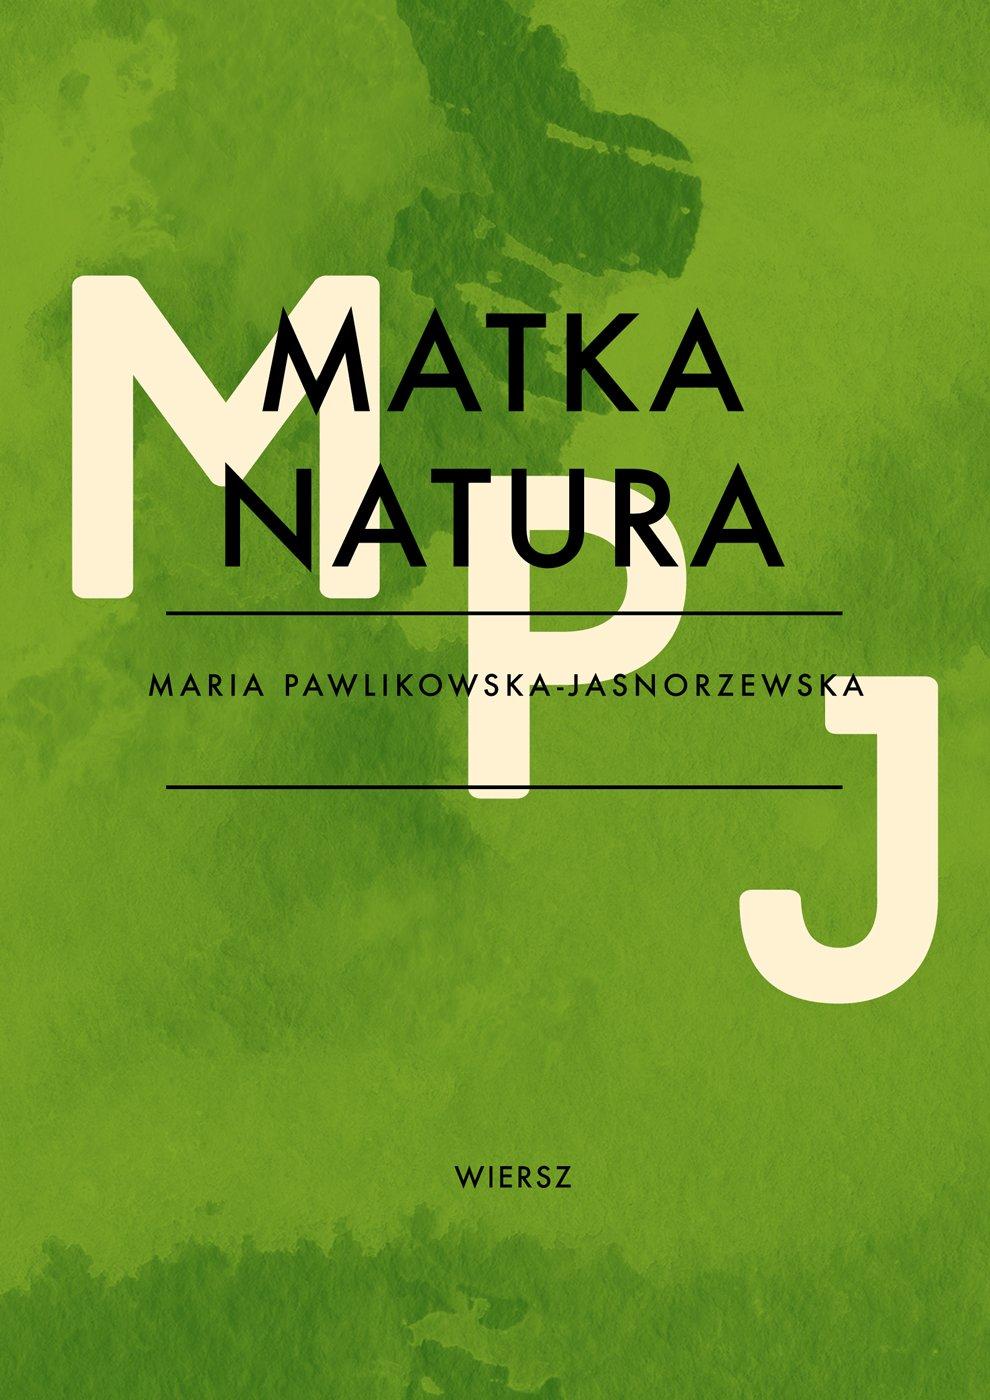 Matka Natura - Ebook (Książka EPUB) do pobrania w formacie EPUB